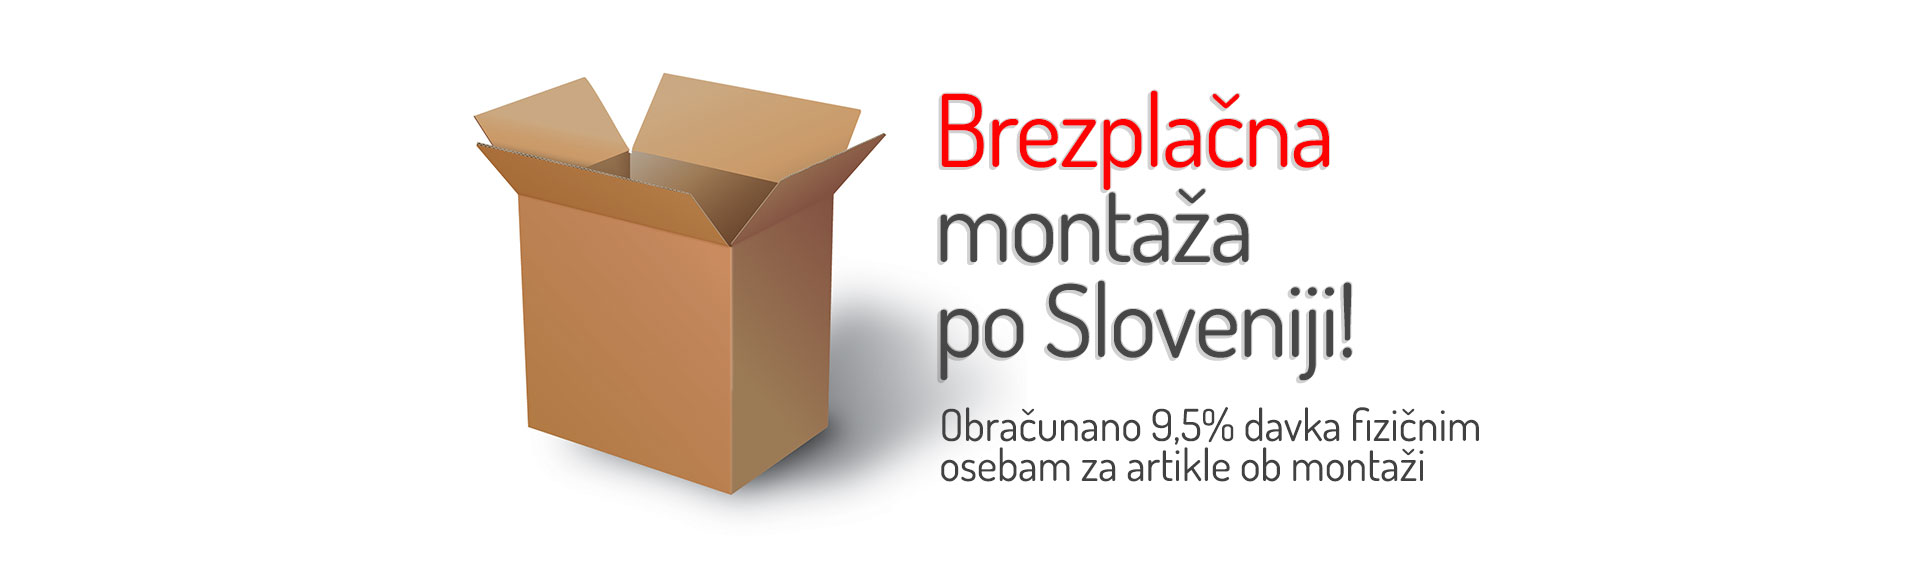 brezplačna montaža po Sloveniji